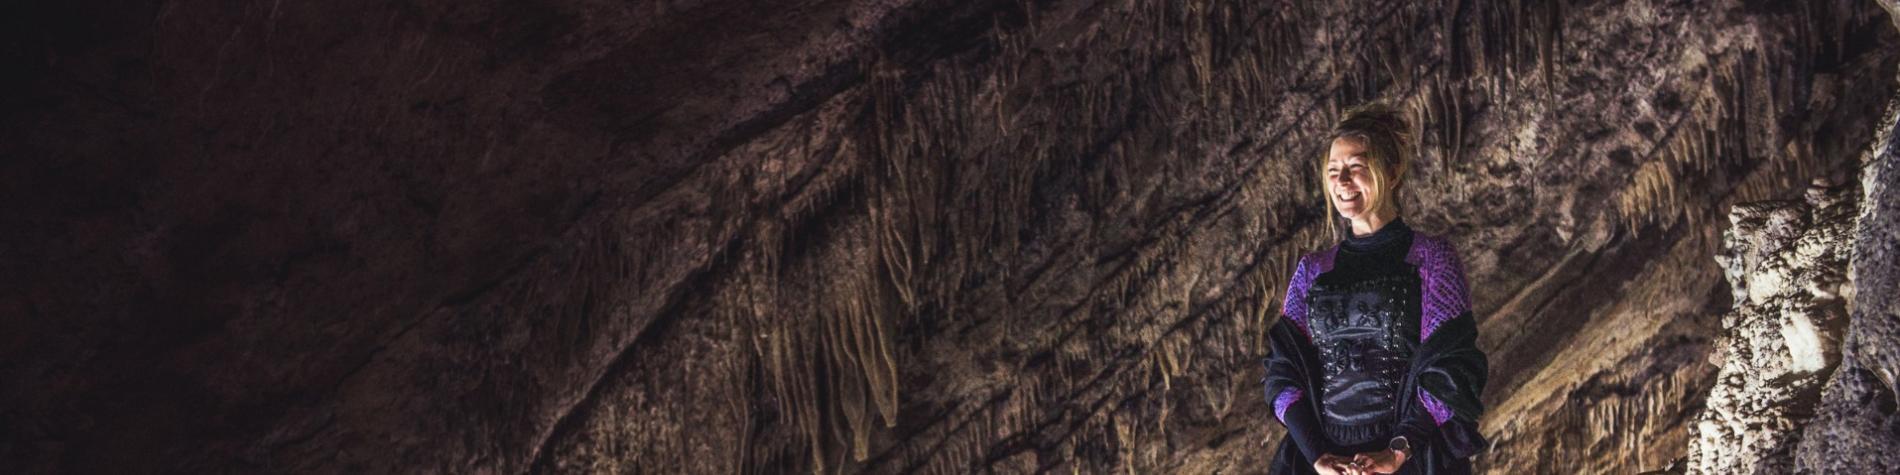 Han-chanté Chants lyriques au Domaine des Grottes de Han